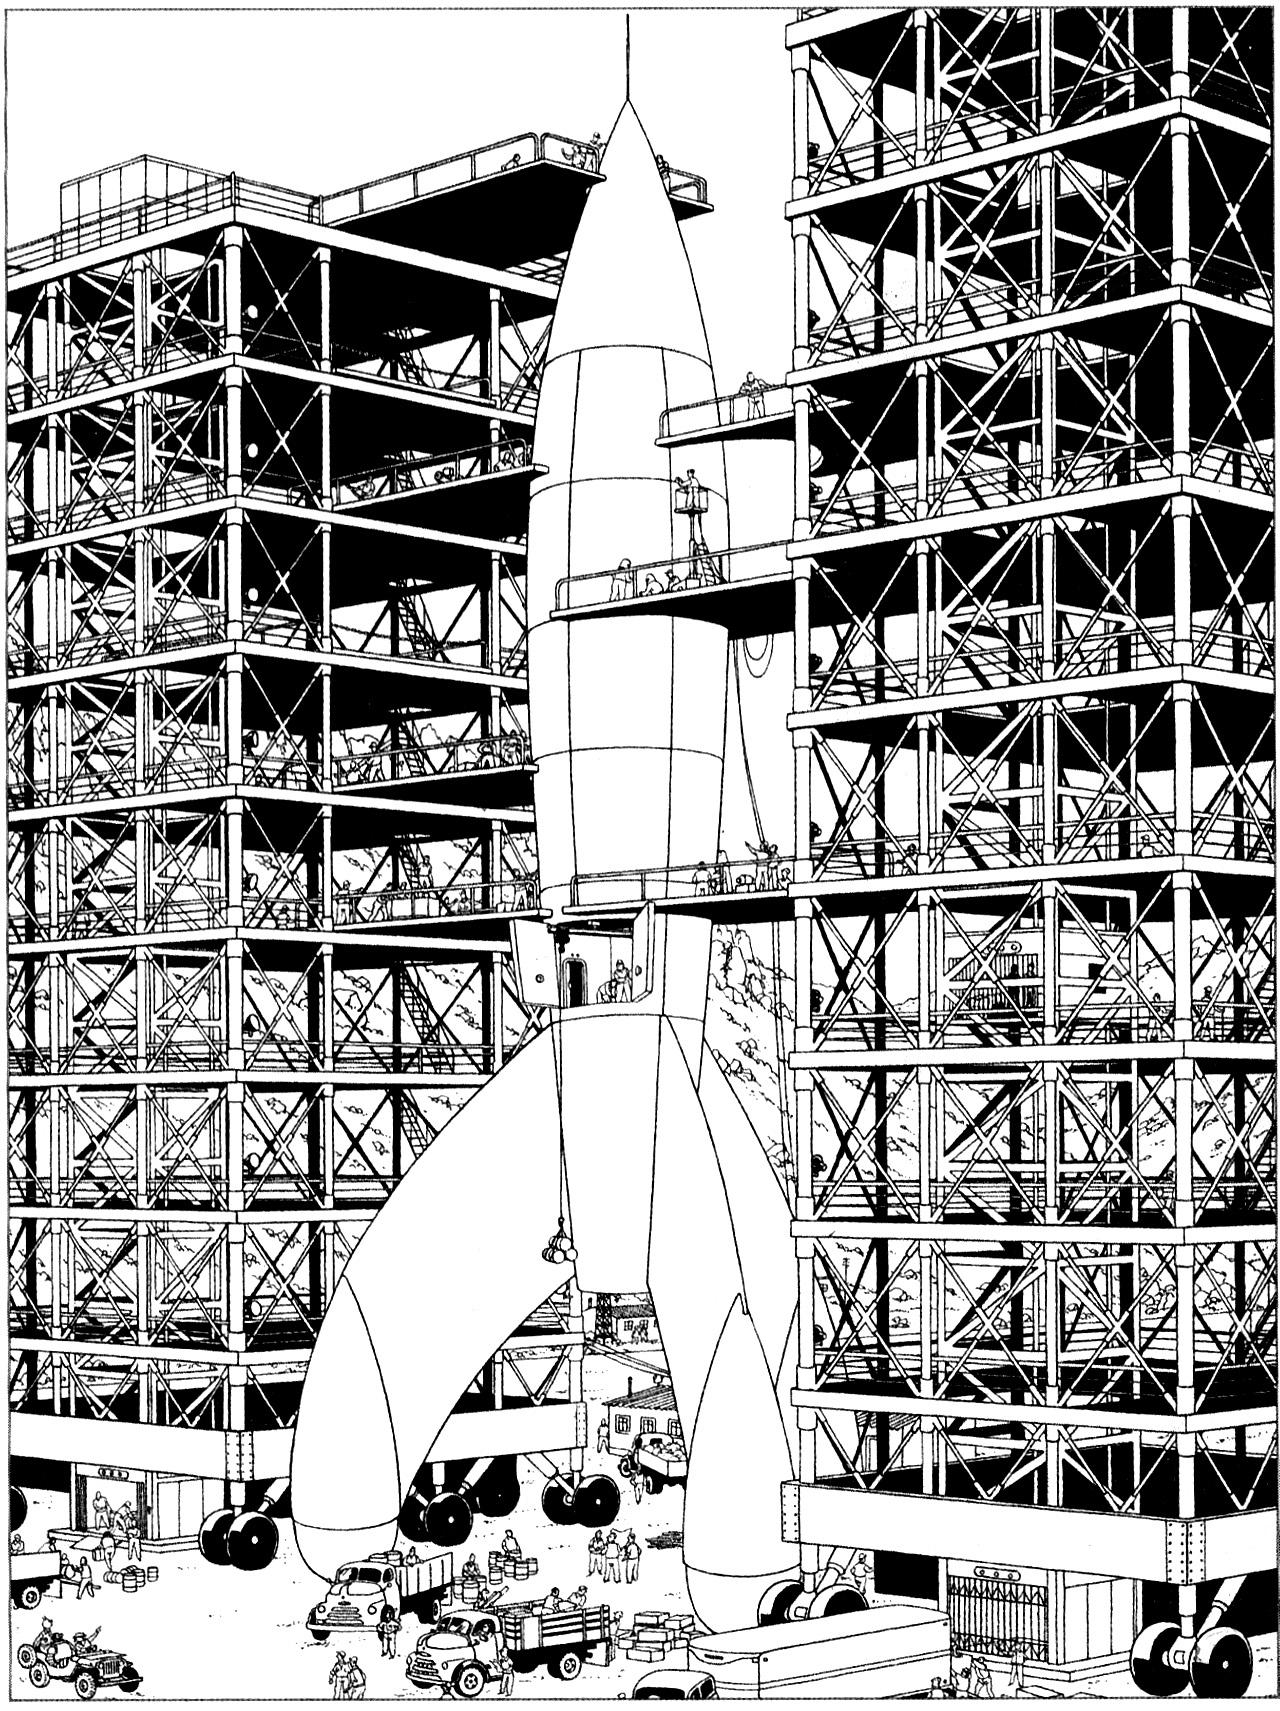 La fusée de Tintin Objectif Lune d'Hergé (1953)A partir de la galerie : Livres Et Comics